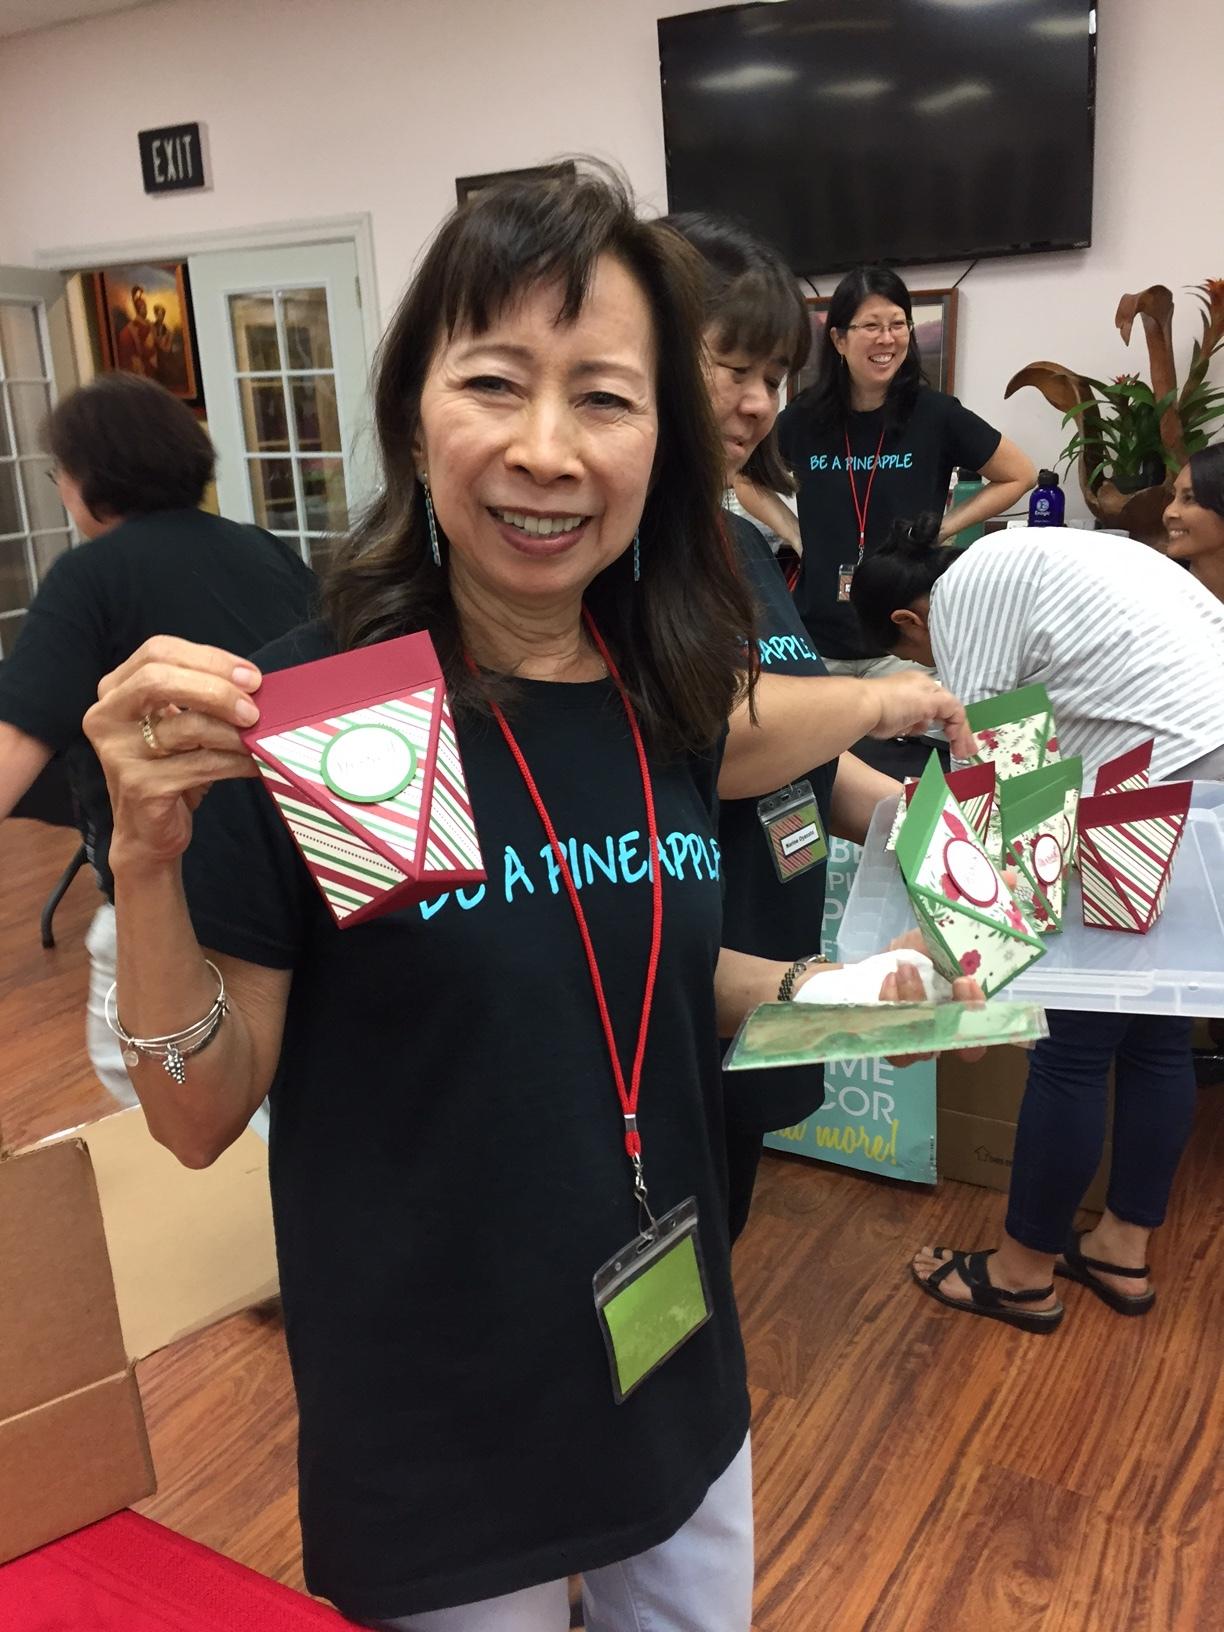 Zeny shares her prize patrol box - www.stampedwithaloha.com